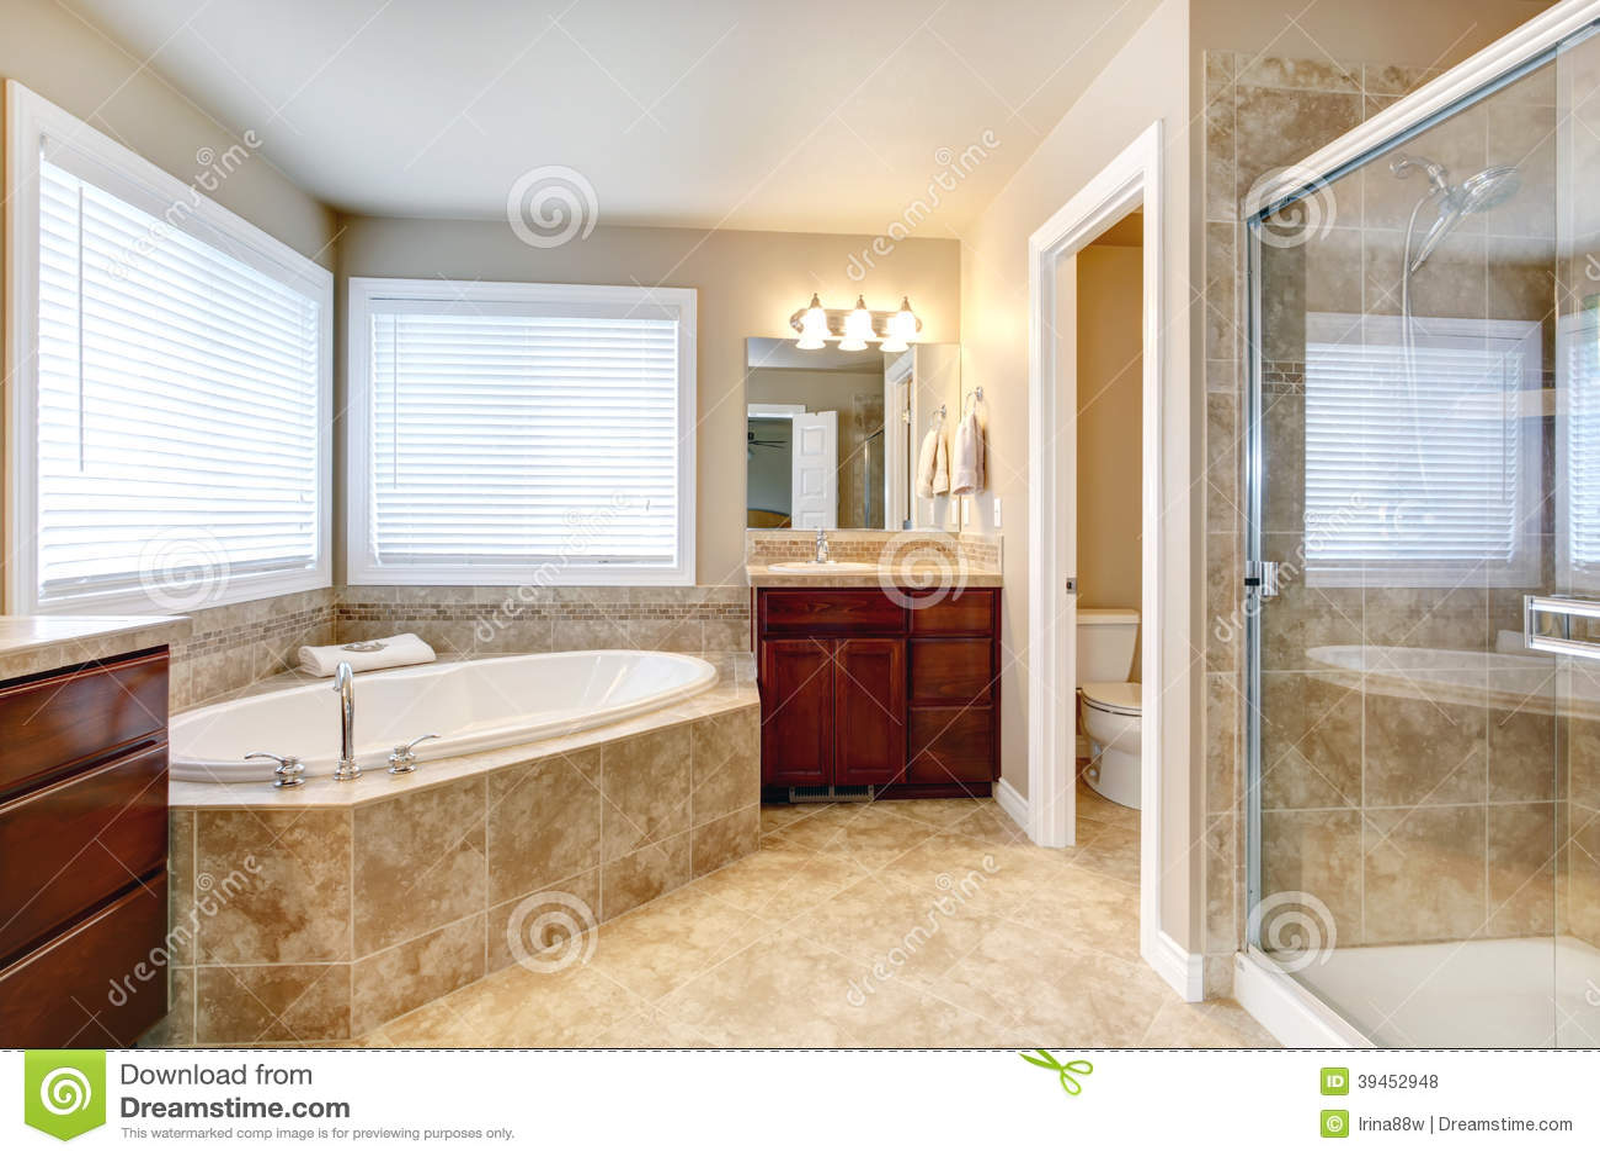 Bagno moderno con la vasca e la doccia rotonde fotografia - Bagno moderno con vasca ...